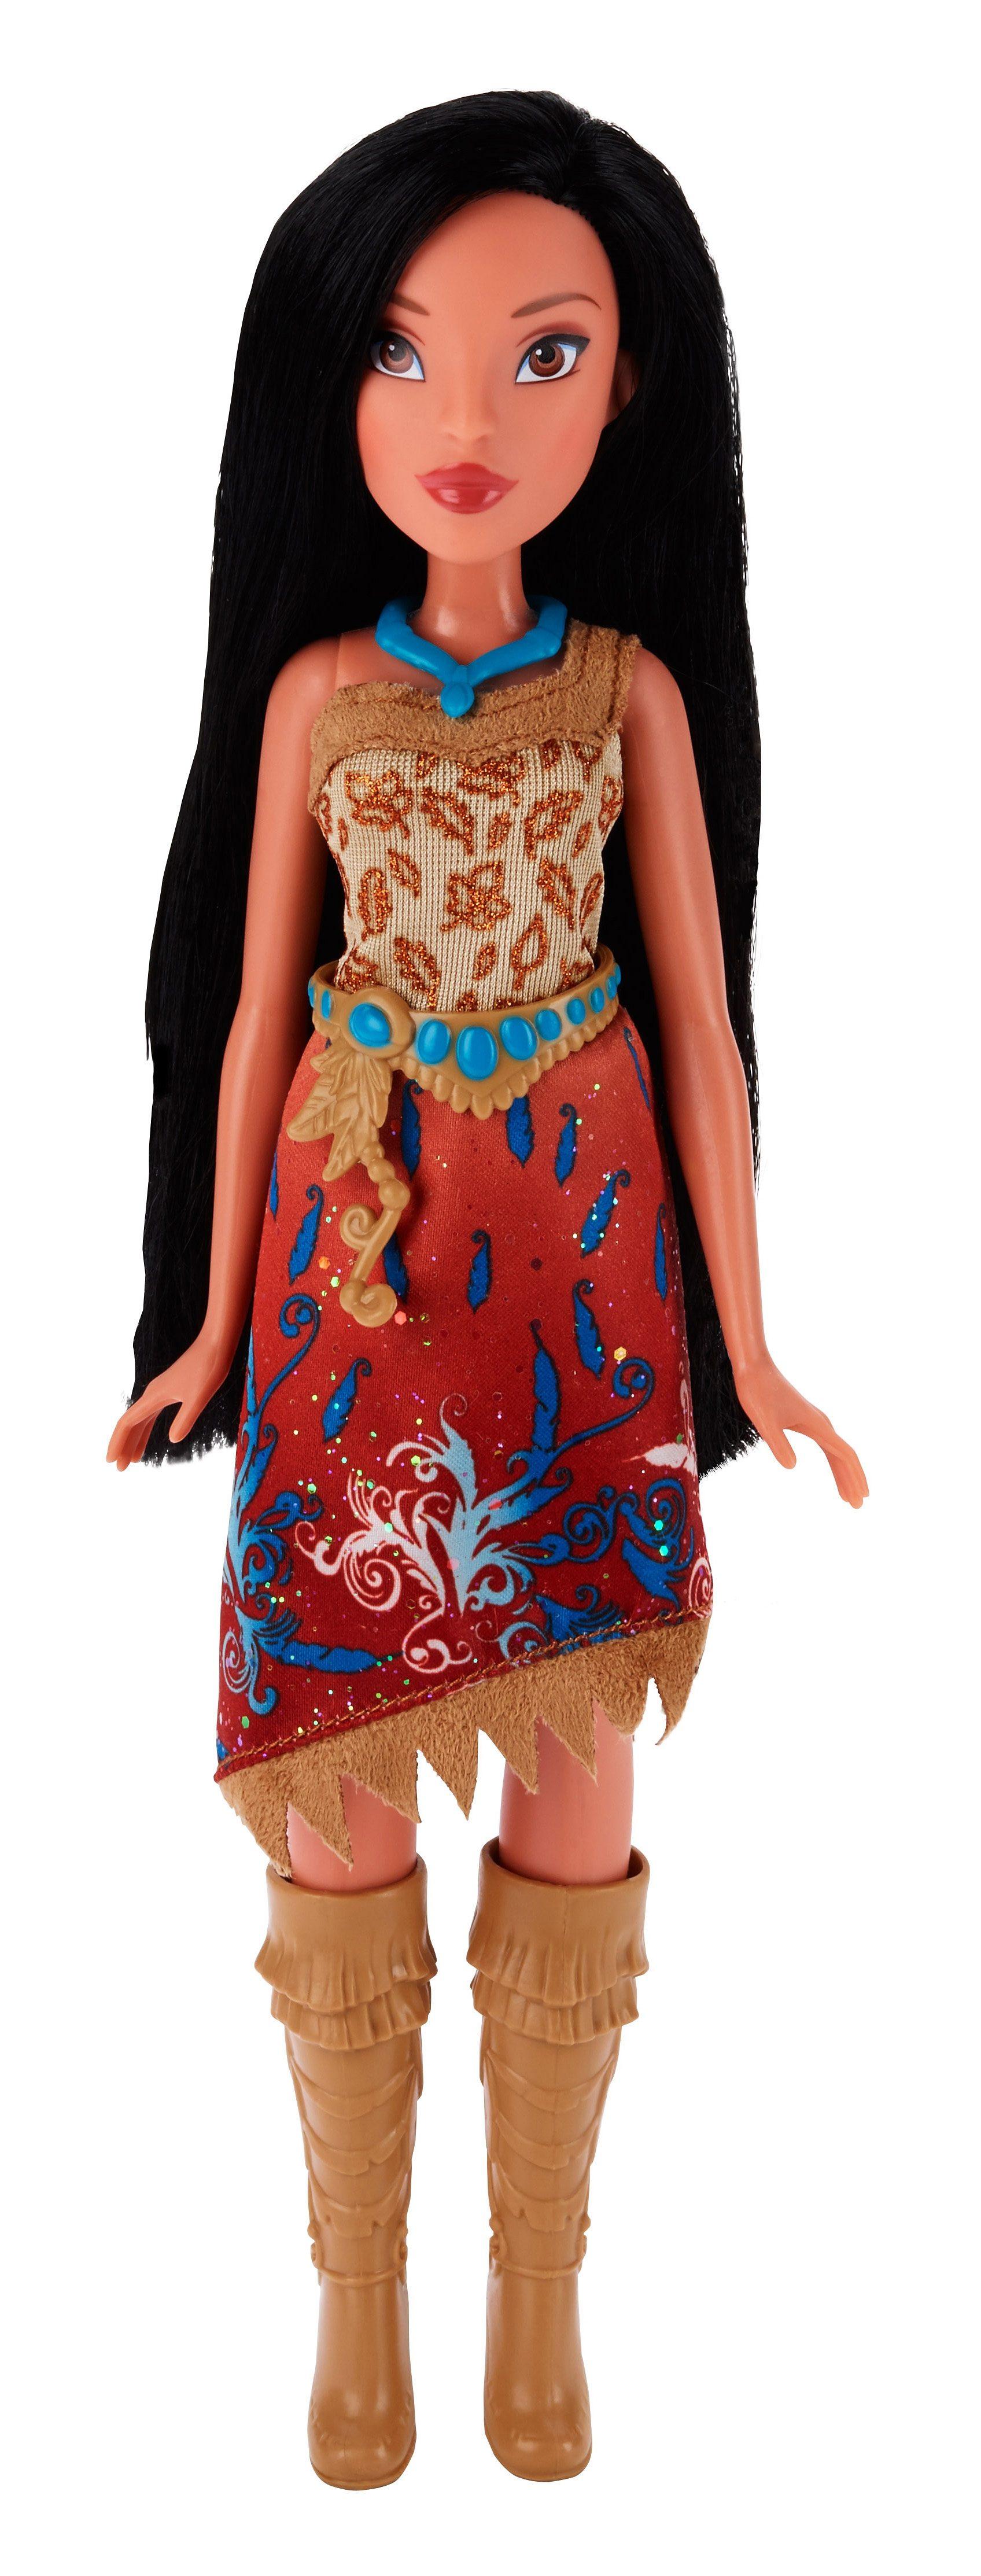 Hasbro Puppe 27 cm, »Disney Princess Schimmerglanz Pocahontas«